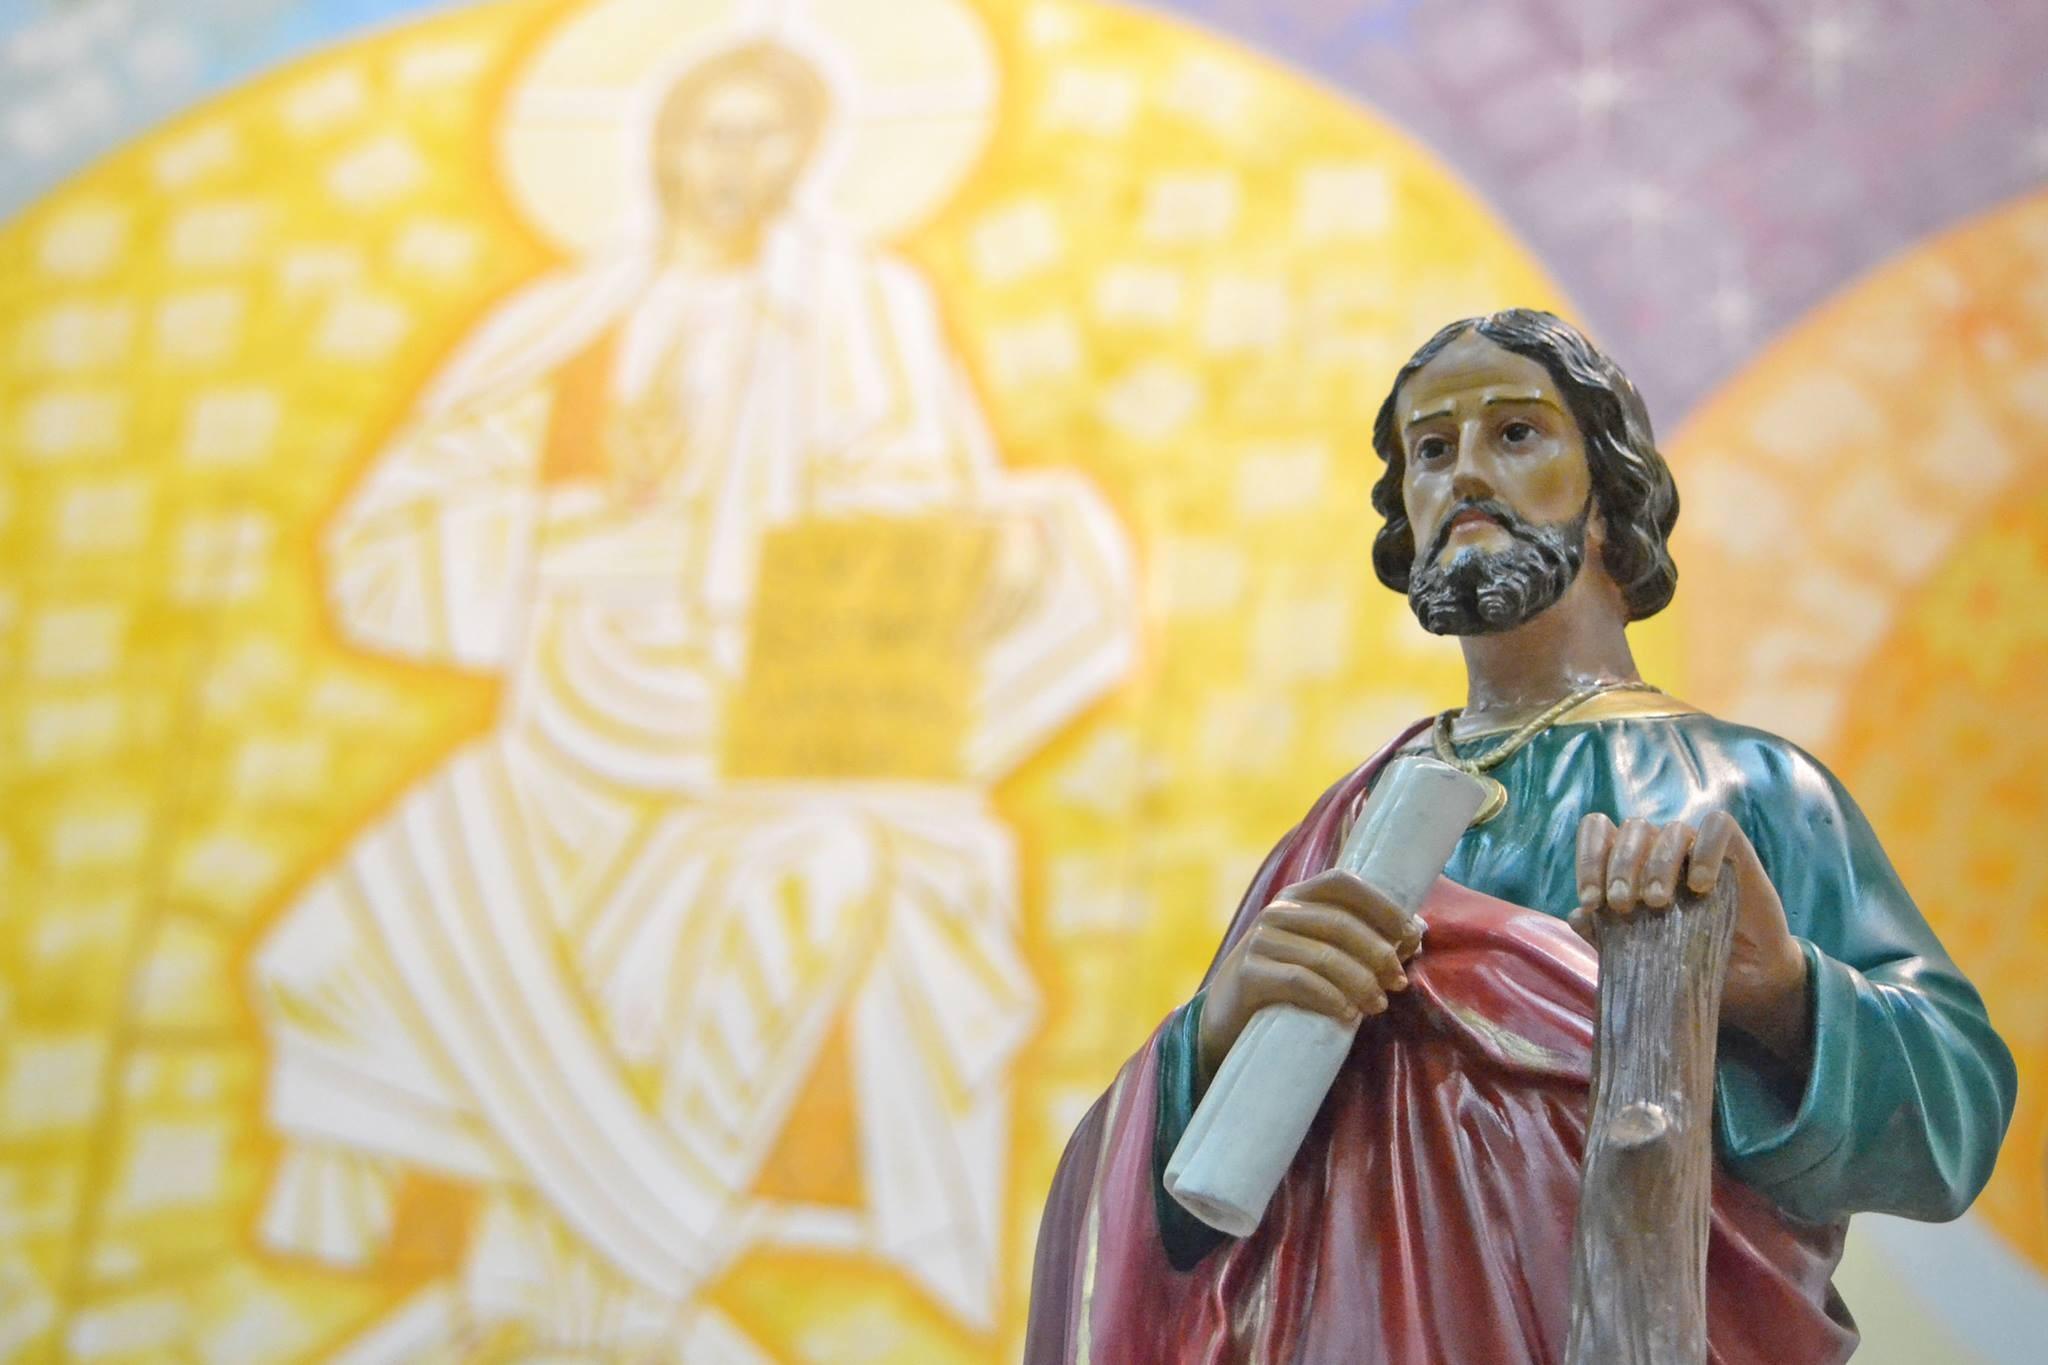 Paróquias da Baixada Santista celebram o Dia de São Judas Tadeu